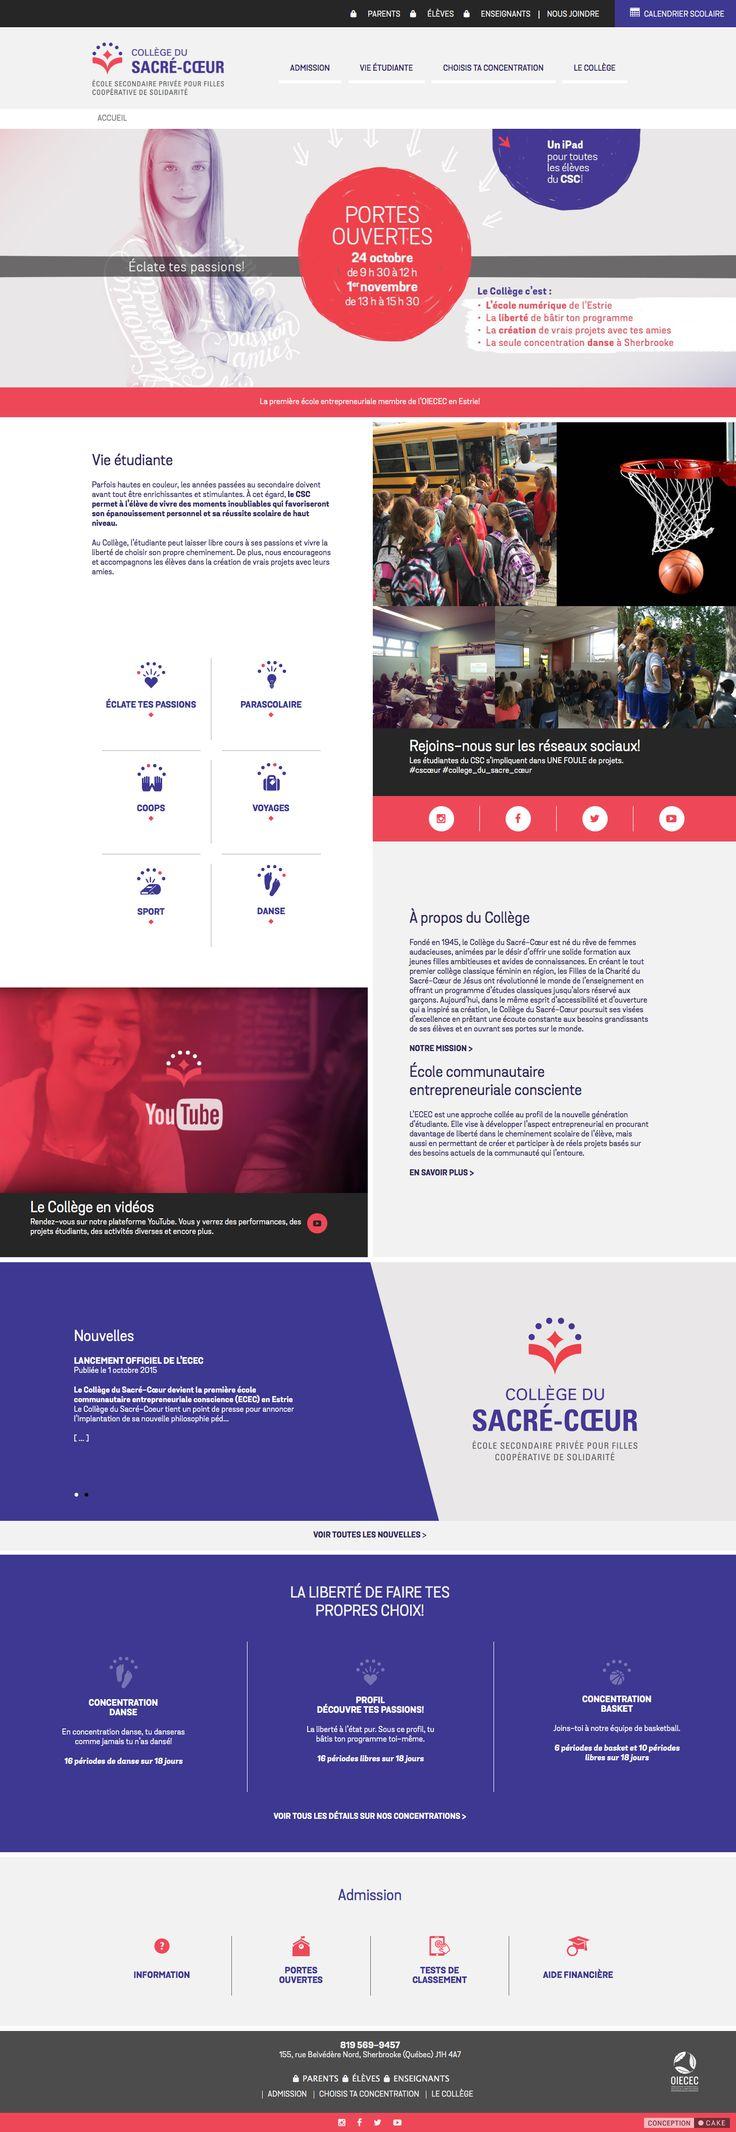 cscoeur.ca Conception du site Web du Collège du Sacré-Coeur. Design / Website